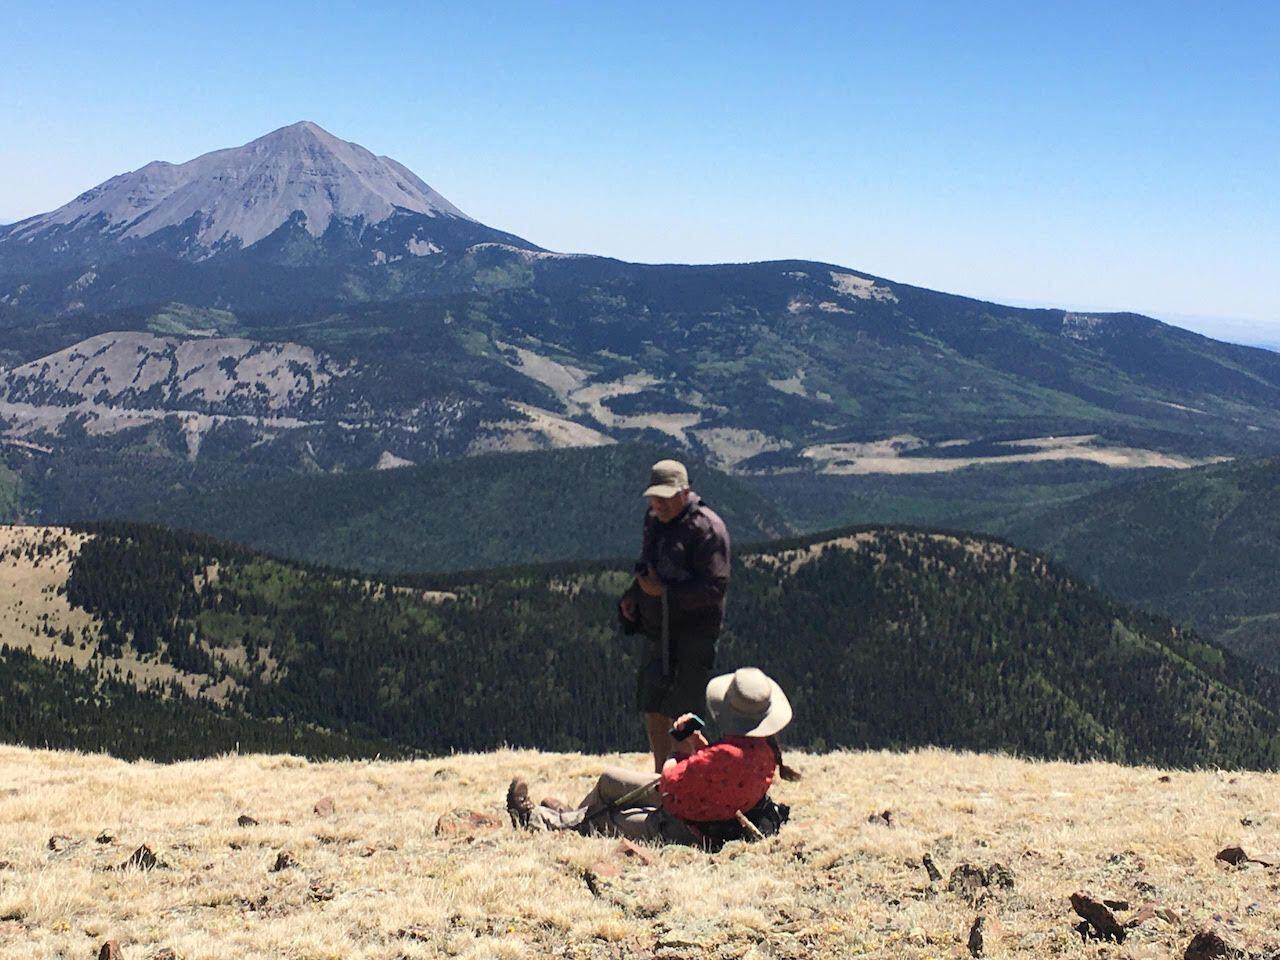 West Peak, Spanish peaks